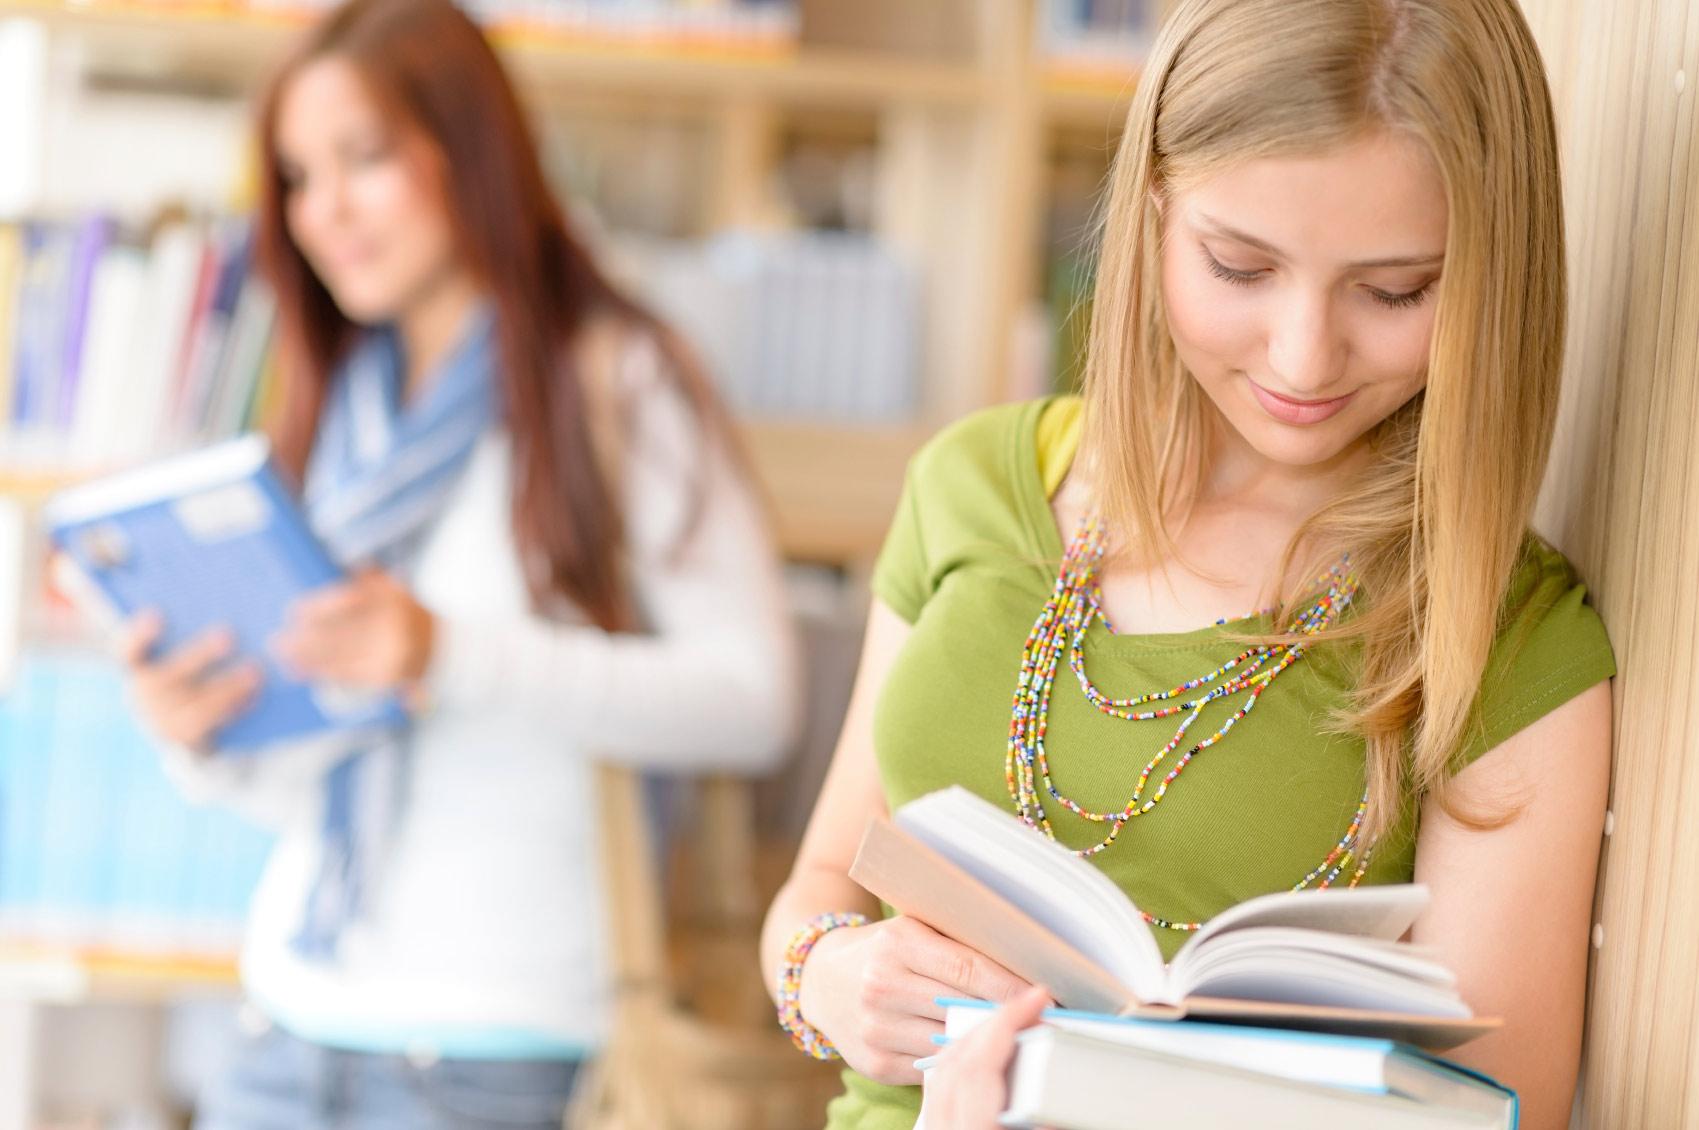 Teenager enjoying reading